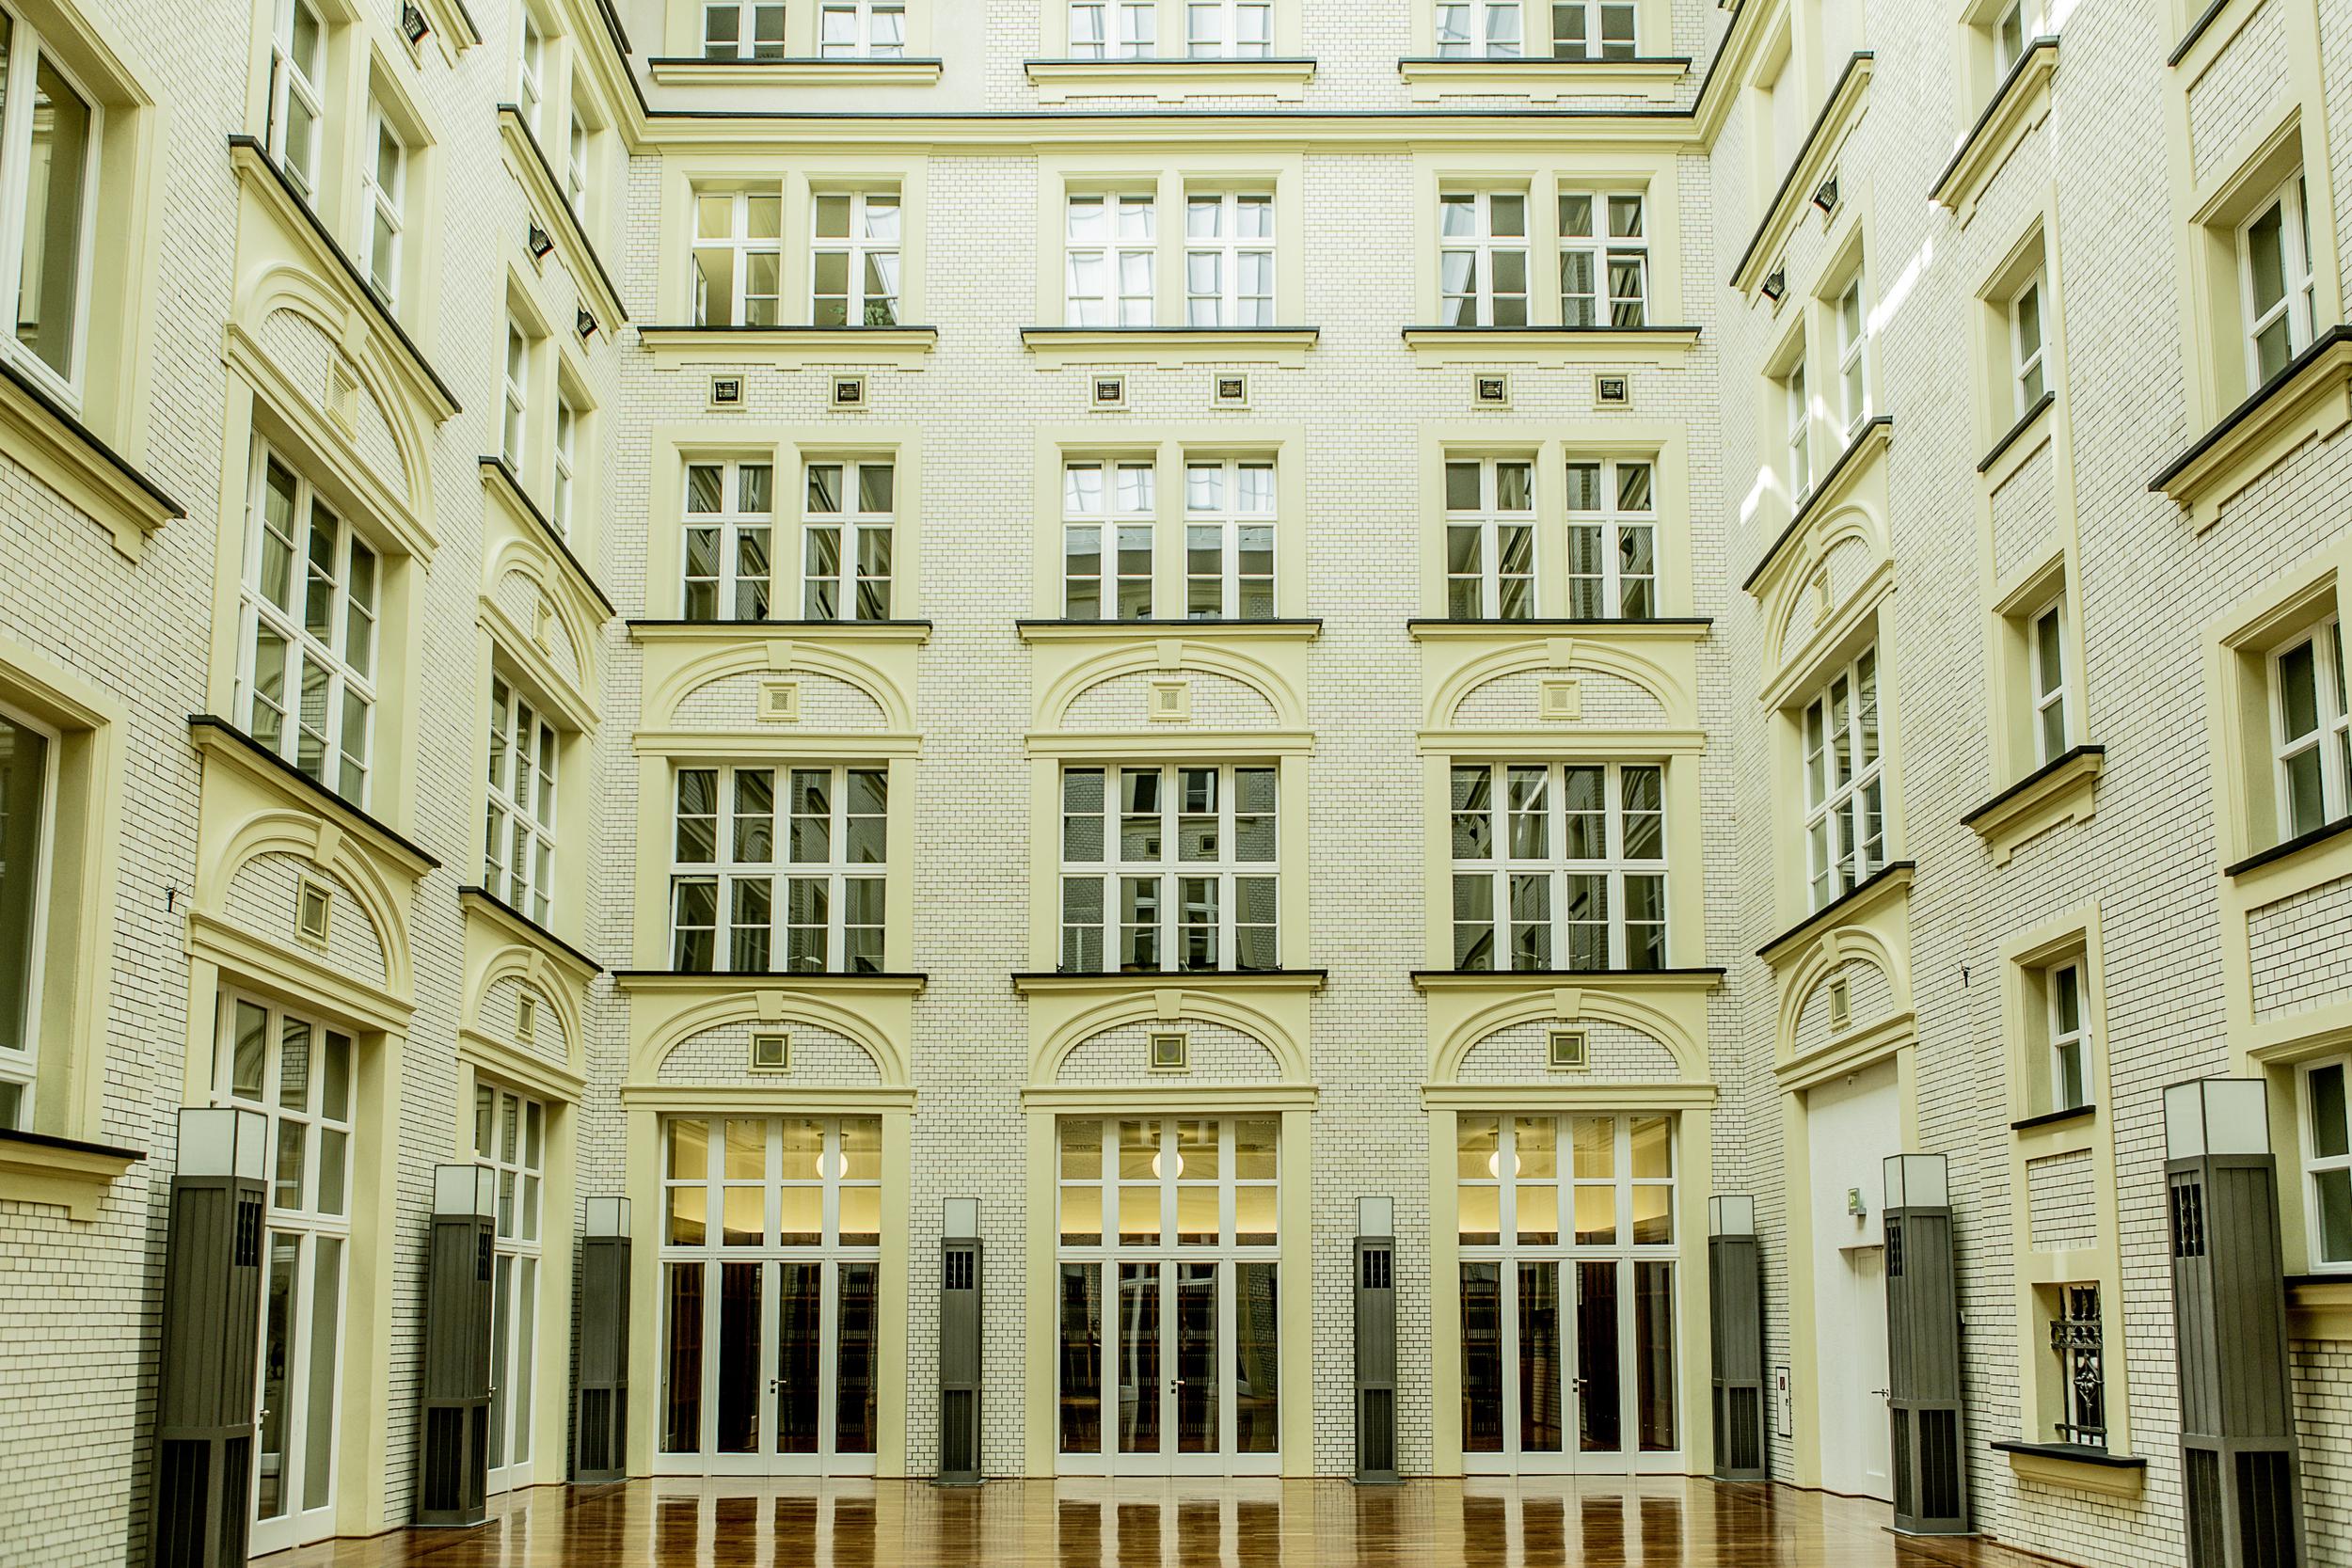 Der beeindruckende Innenhof des Atriums besticht mit einer unvergleichlichen Atmosphäre